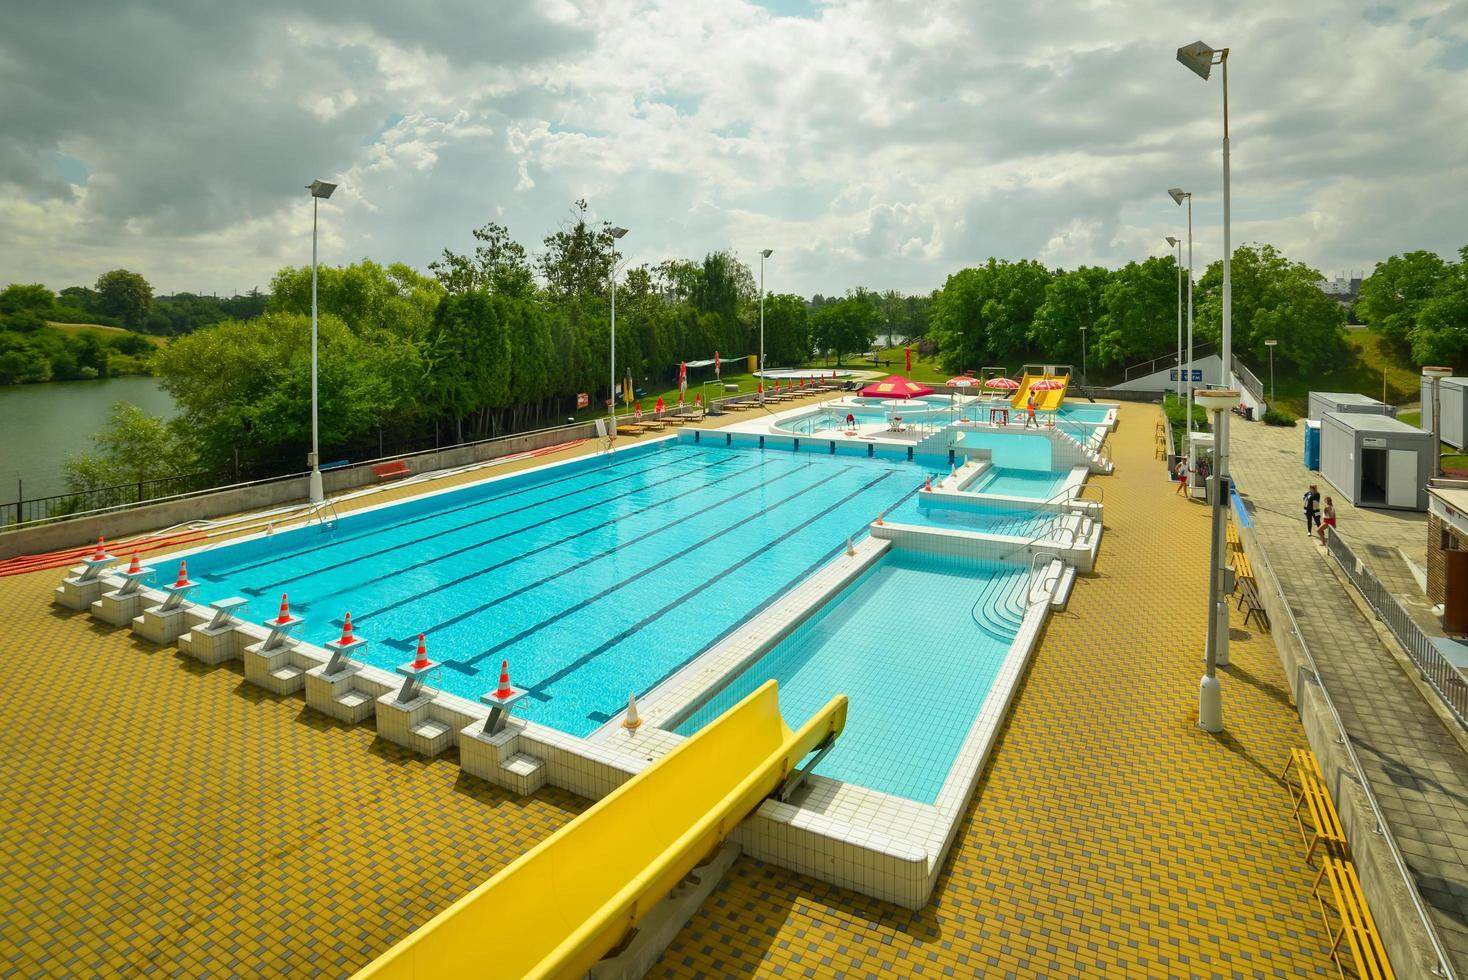 una gran piscina pública azul en la naturaleza foto